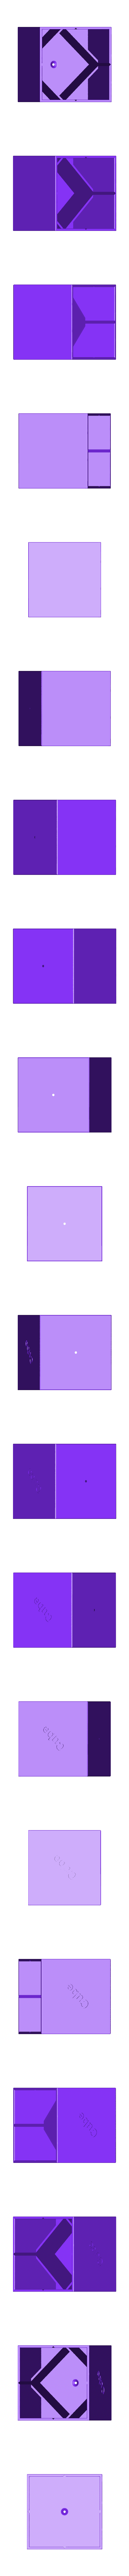 Cube_box_edge_60.stl Télécharger fichier STL gratuit Octaèdre en cube / Hexaèdre • Plan imprimable en 3D, LGBU